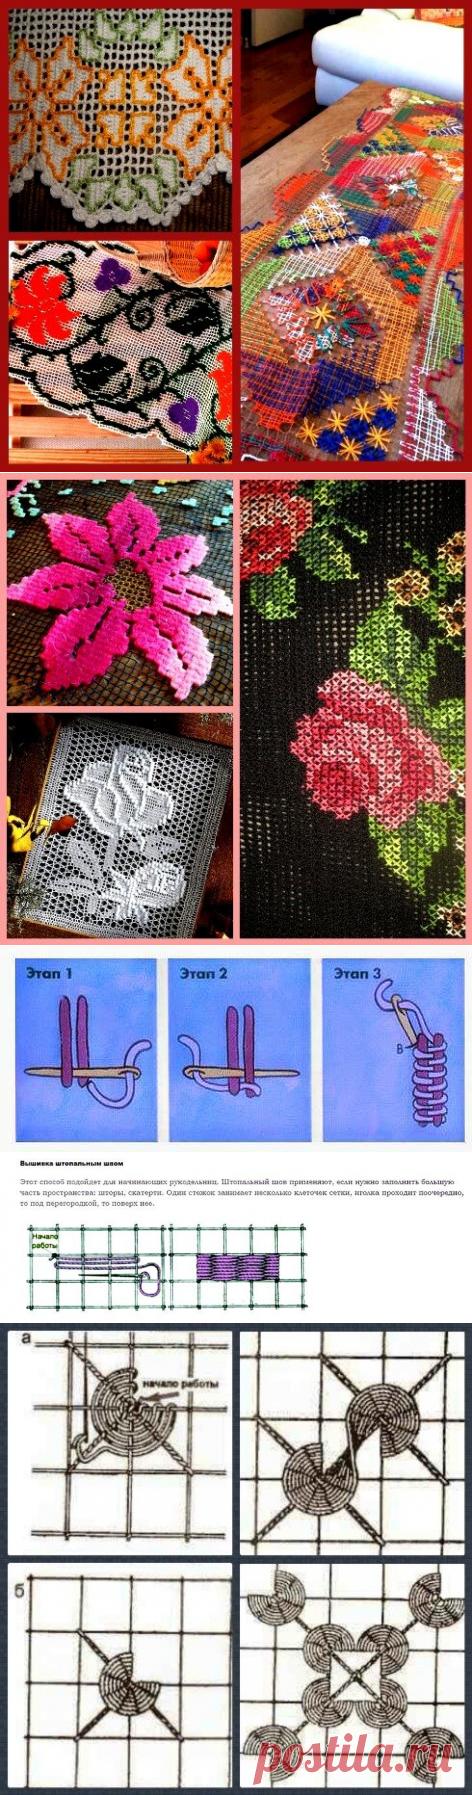 Вышивка по филейной сетке - добавим яркую радугу к обычной сетке | Левреткоман-оч.умелец | Яндекс Дзен